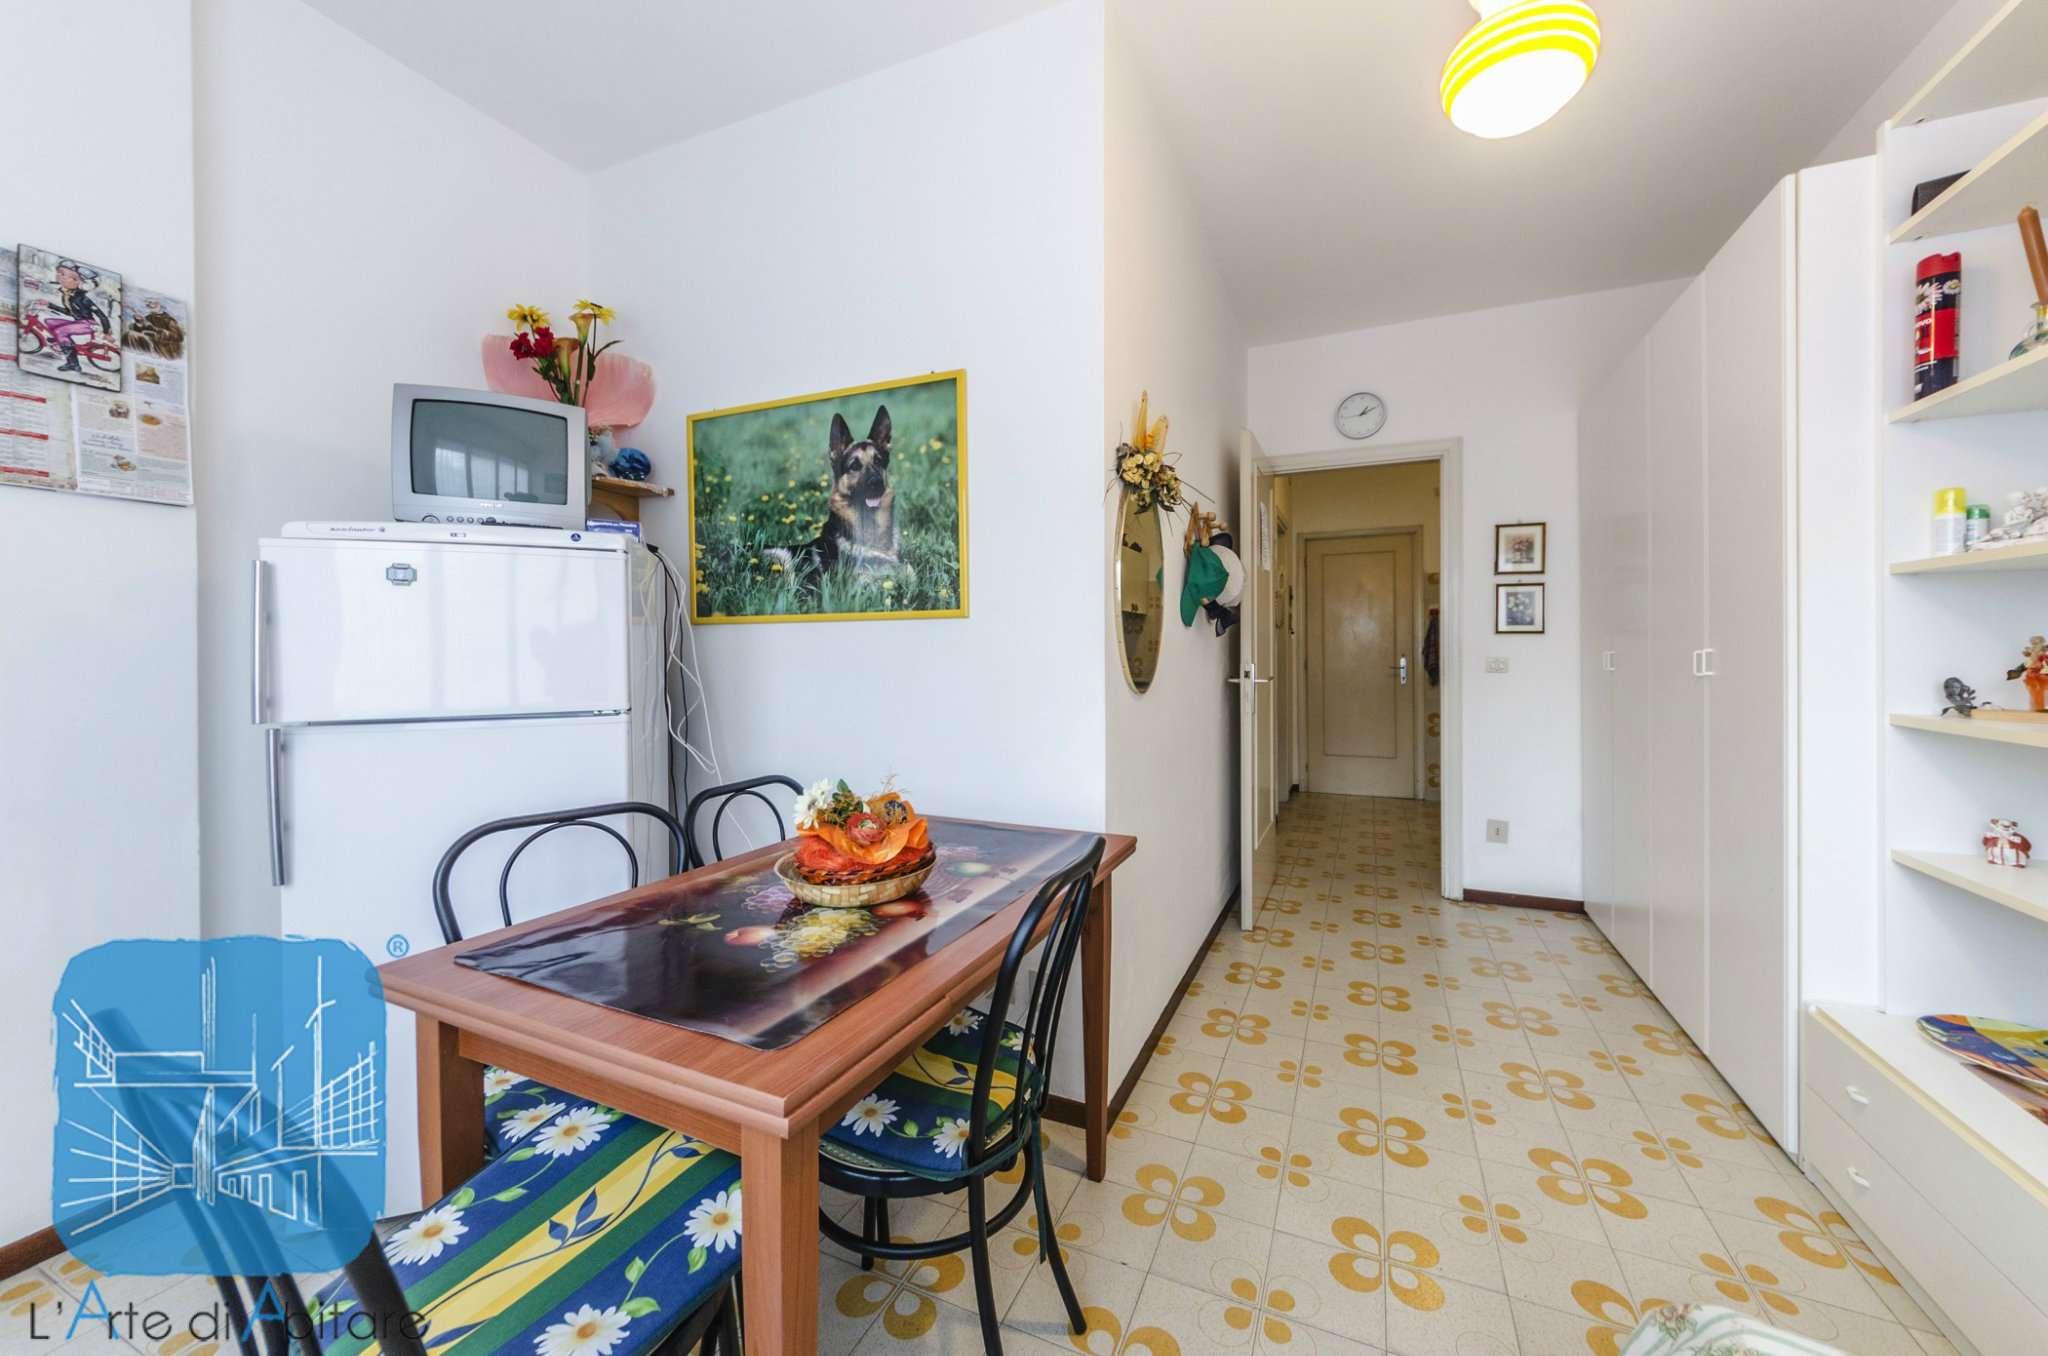 appartamento duna verde caorle - elenchi e prezzi di vendita - waa2